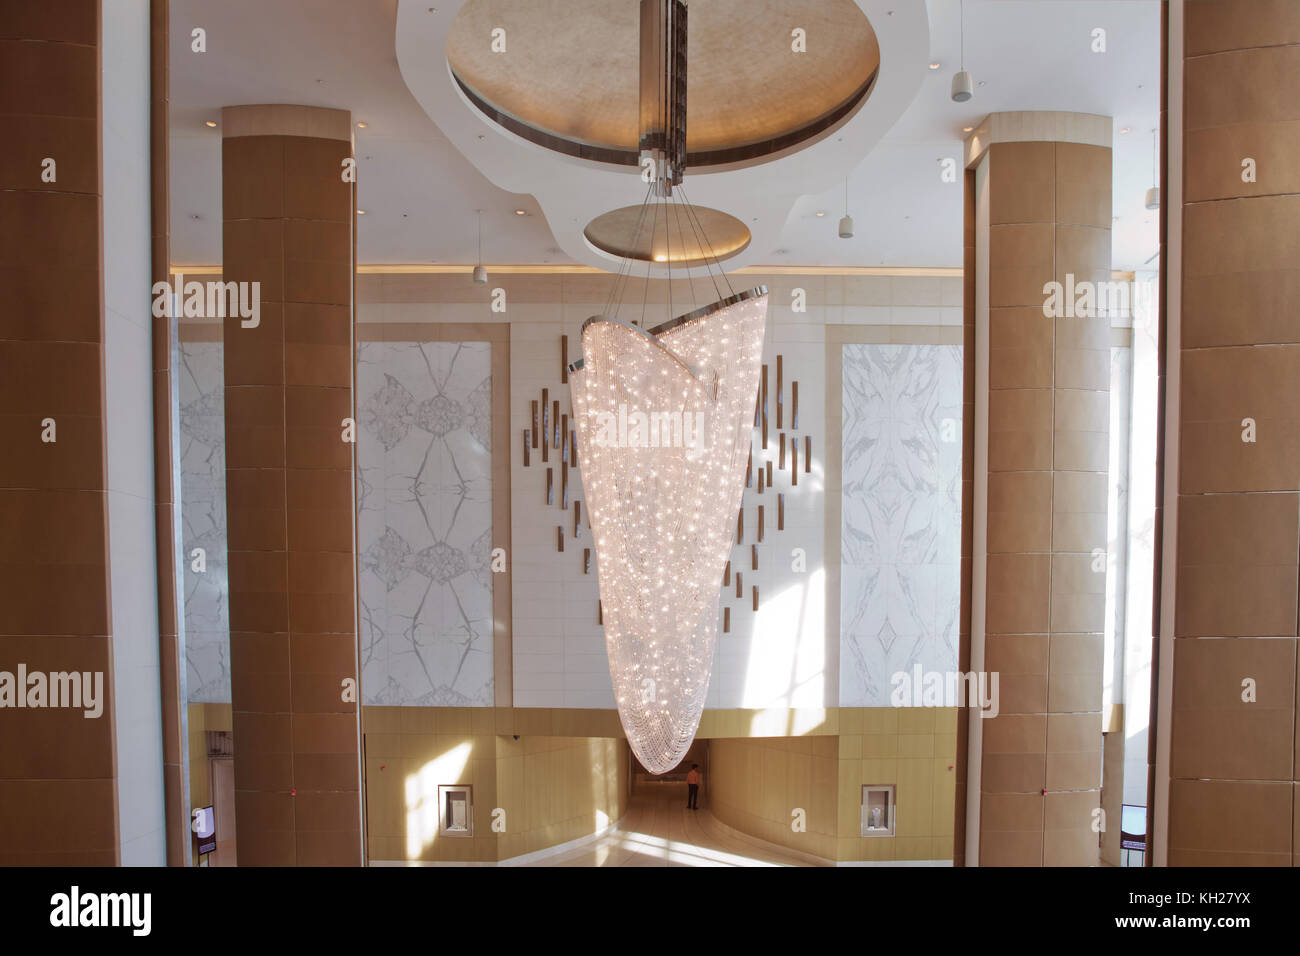 Kristalle Für Kronleuchter ~ Swarovski kristalle der kronleuchter schmücken. luxus alten